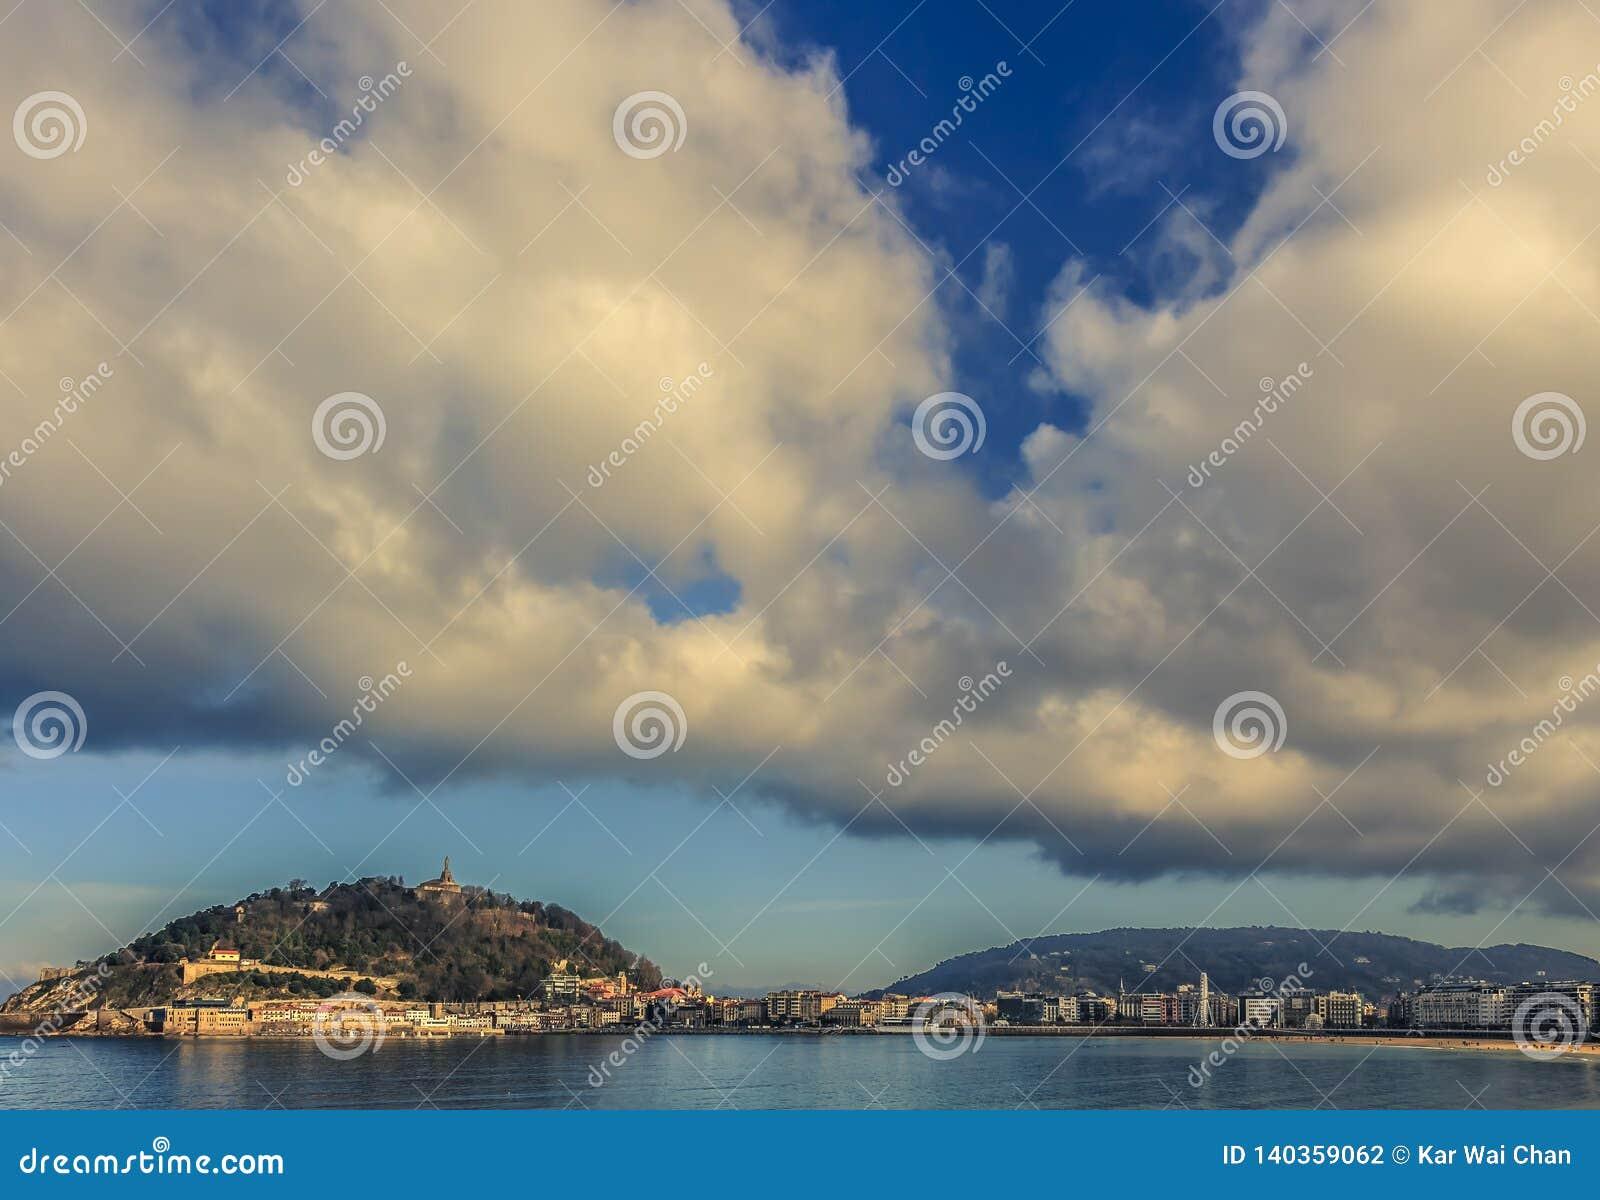 Dramatiska moln ovanför San Sebastian i den sena eftermiddagen